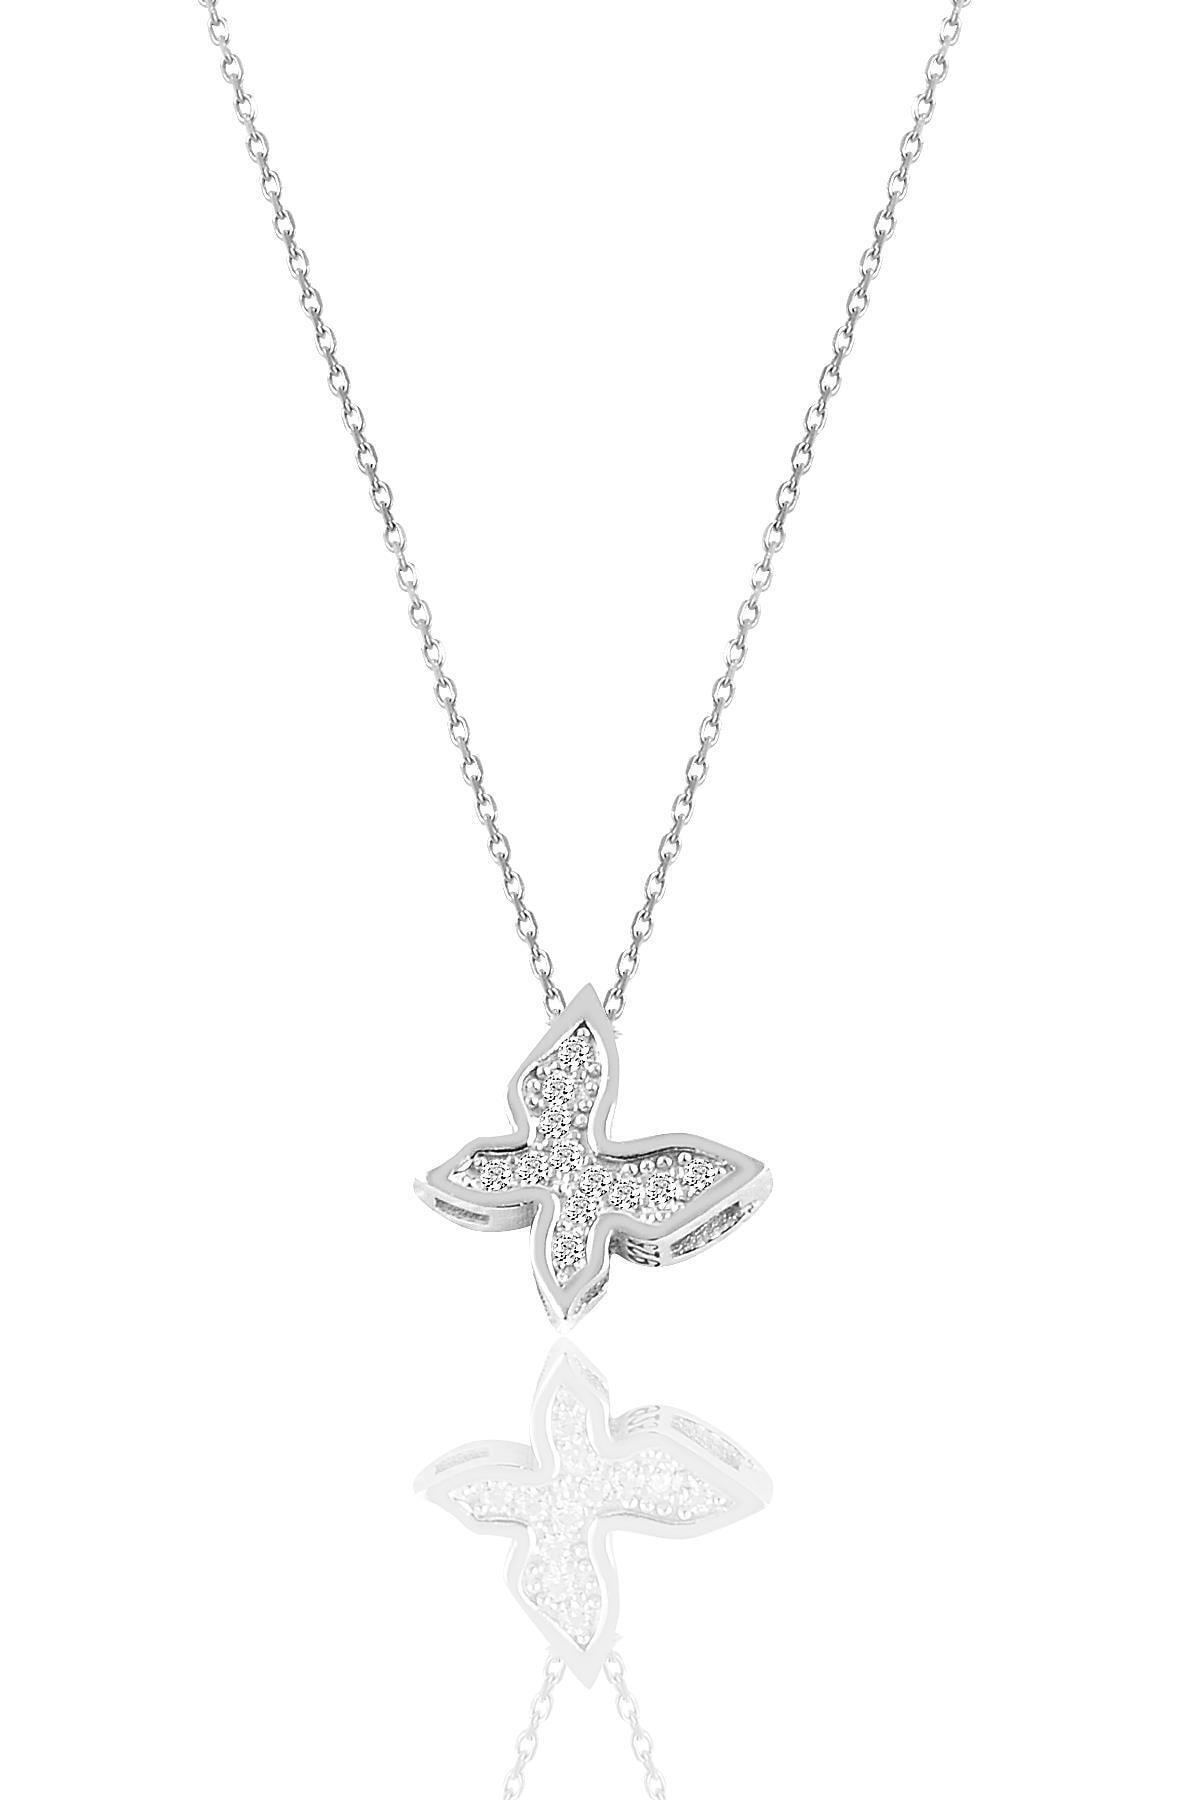 Söğütlü Silver Gümüş Rodyumlu Zirkon Taşlı Kelebek Kolye 1